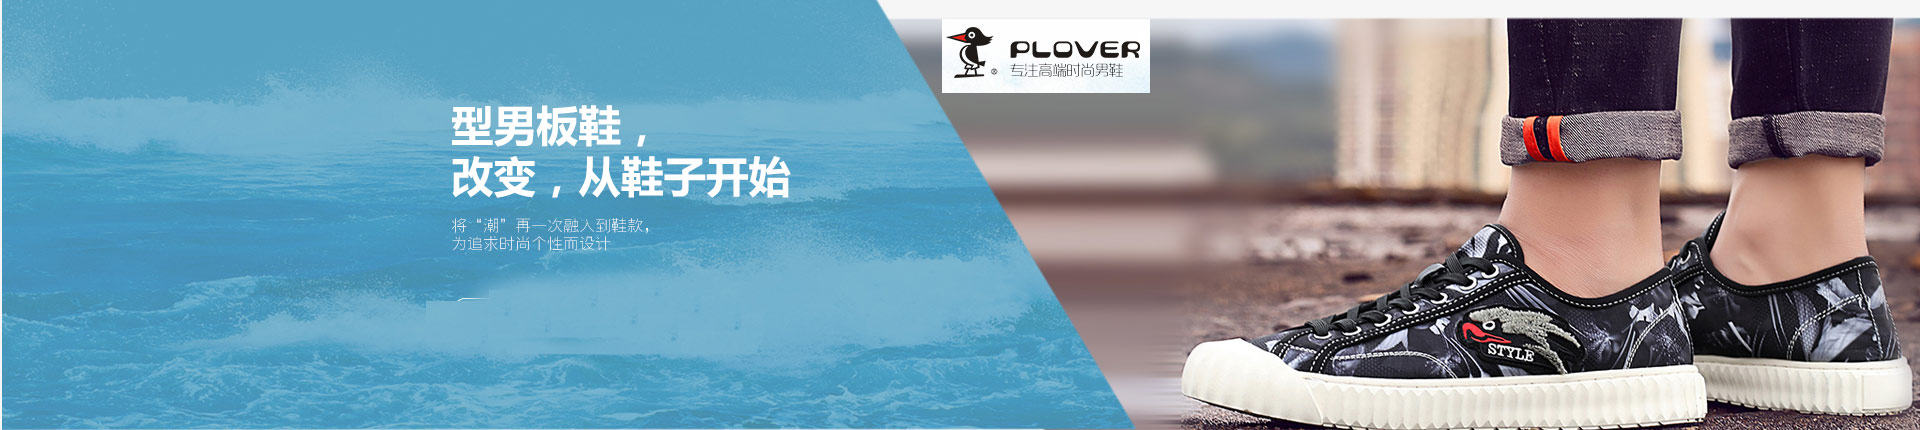 啄木鸟plover官方网站